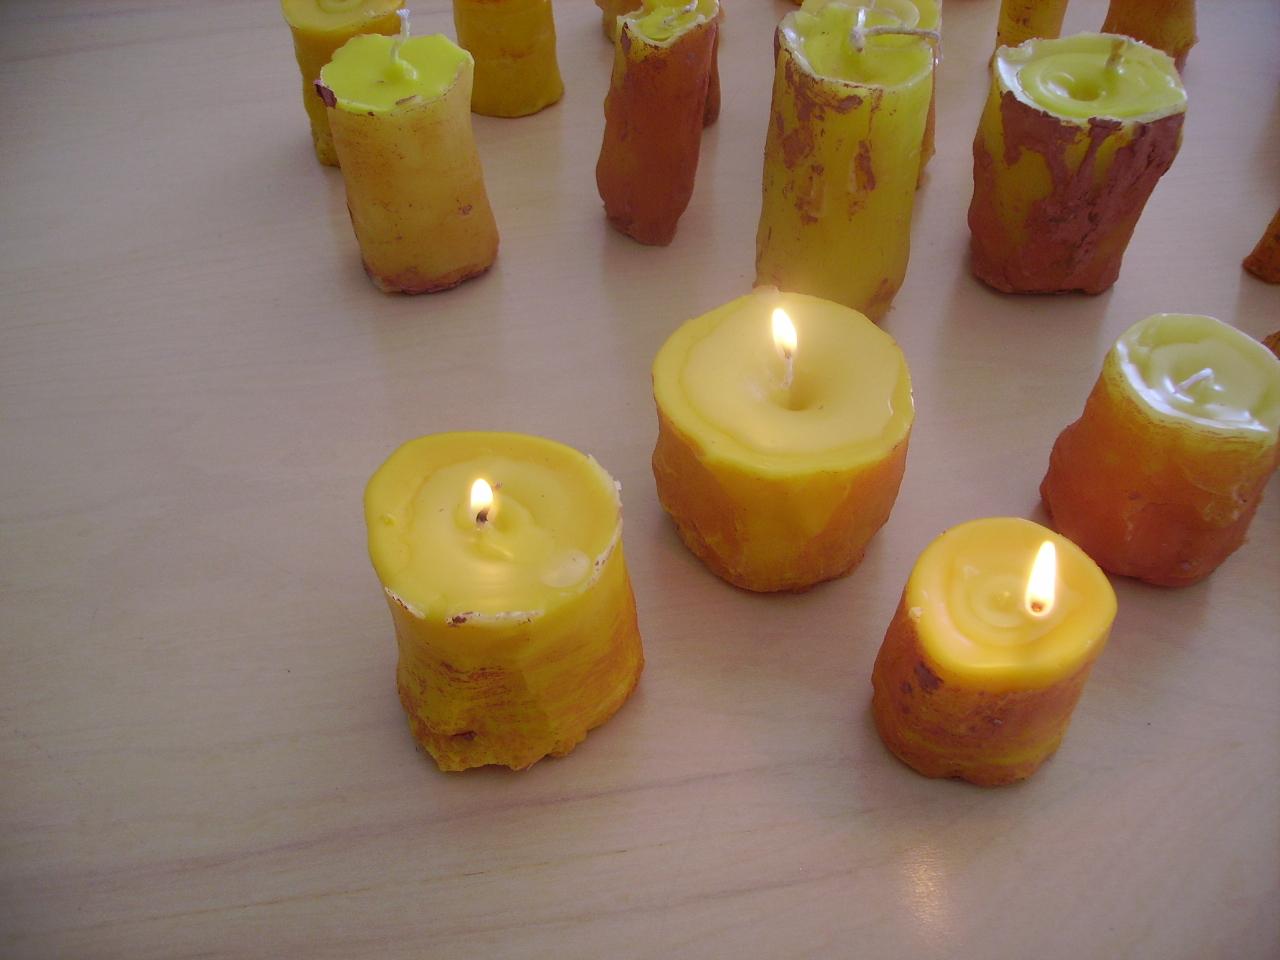 Laboratorium jardim de aromas produ o de velas - Aromas para velas ...